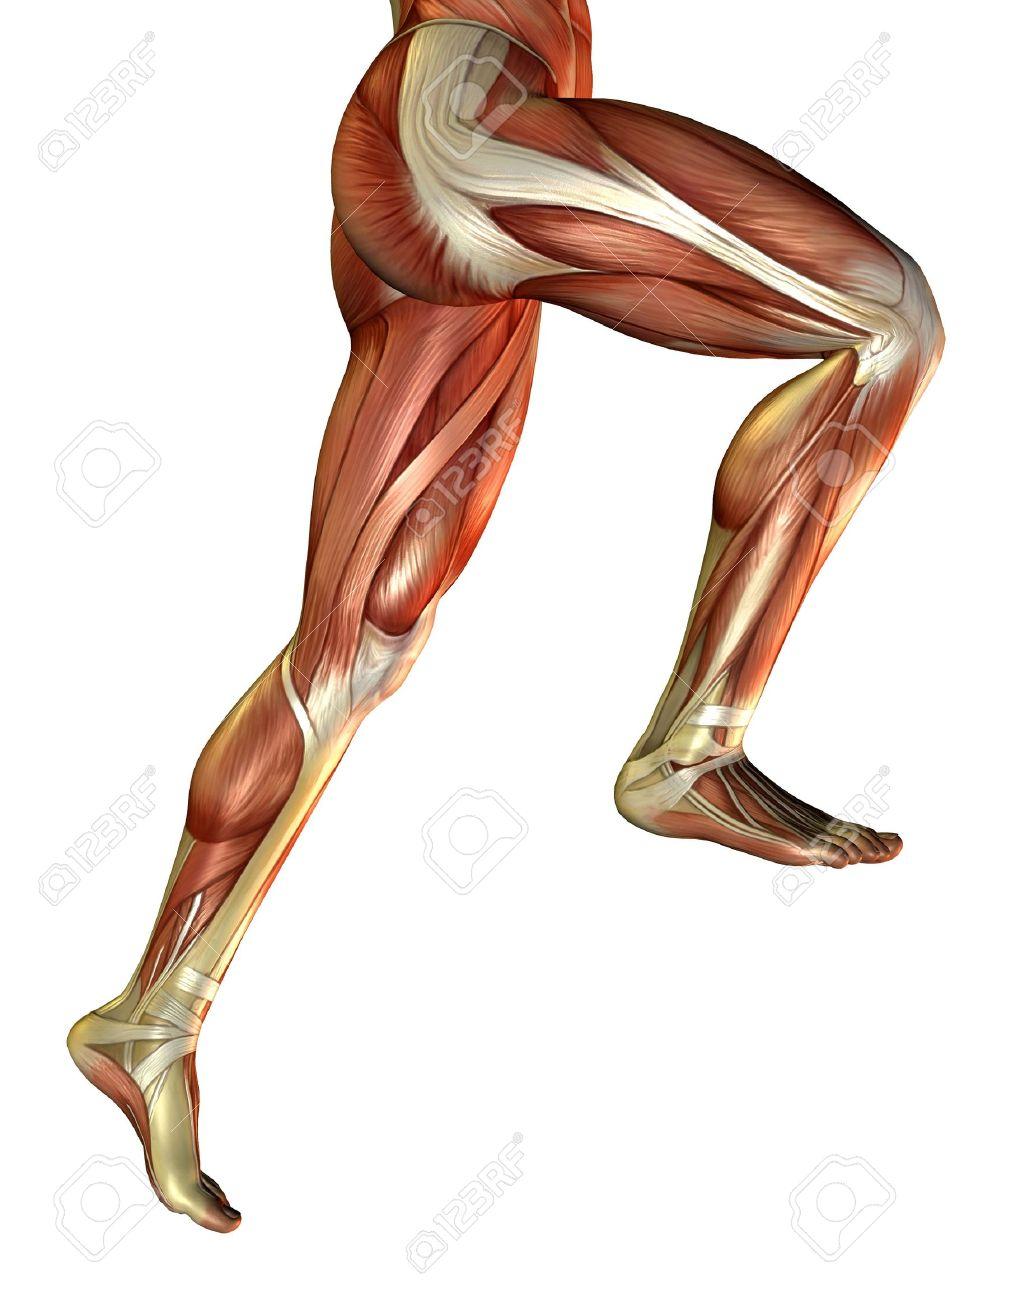 Representación 3D de los músculos de la pierna masculina  Foto de archivo - 7877665